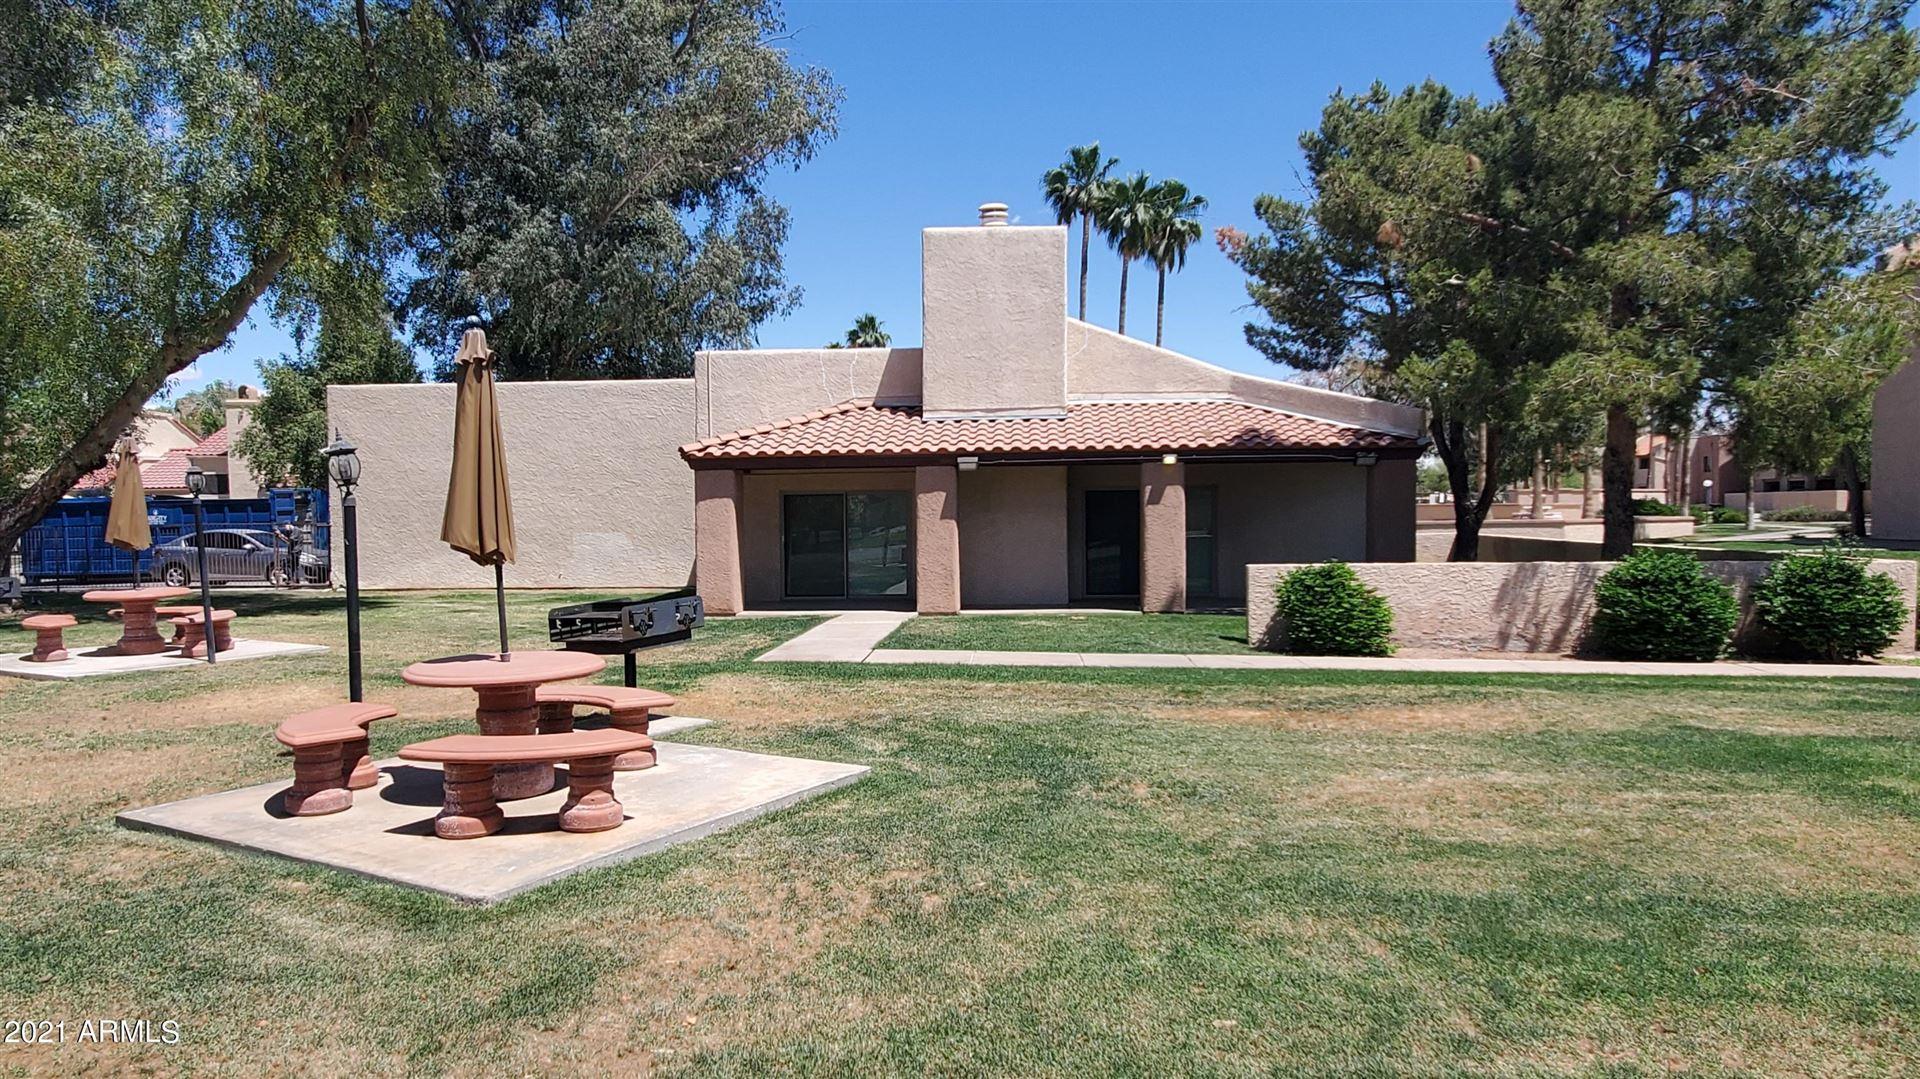 540 N MAY -- #2147, Mesa, AZ 85201 - MLS#: 6230299